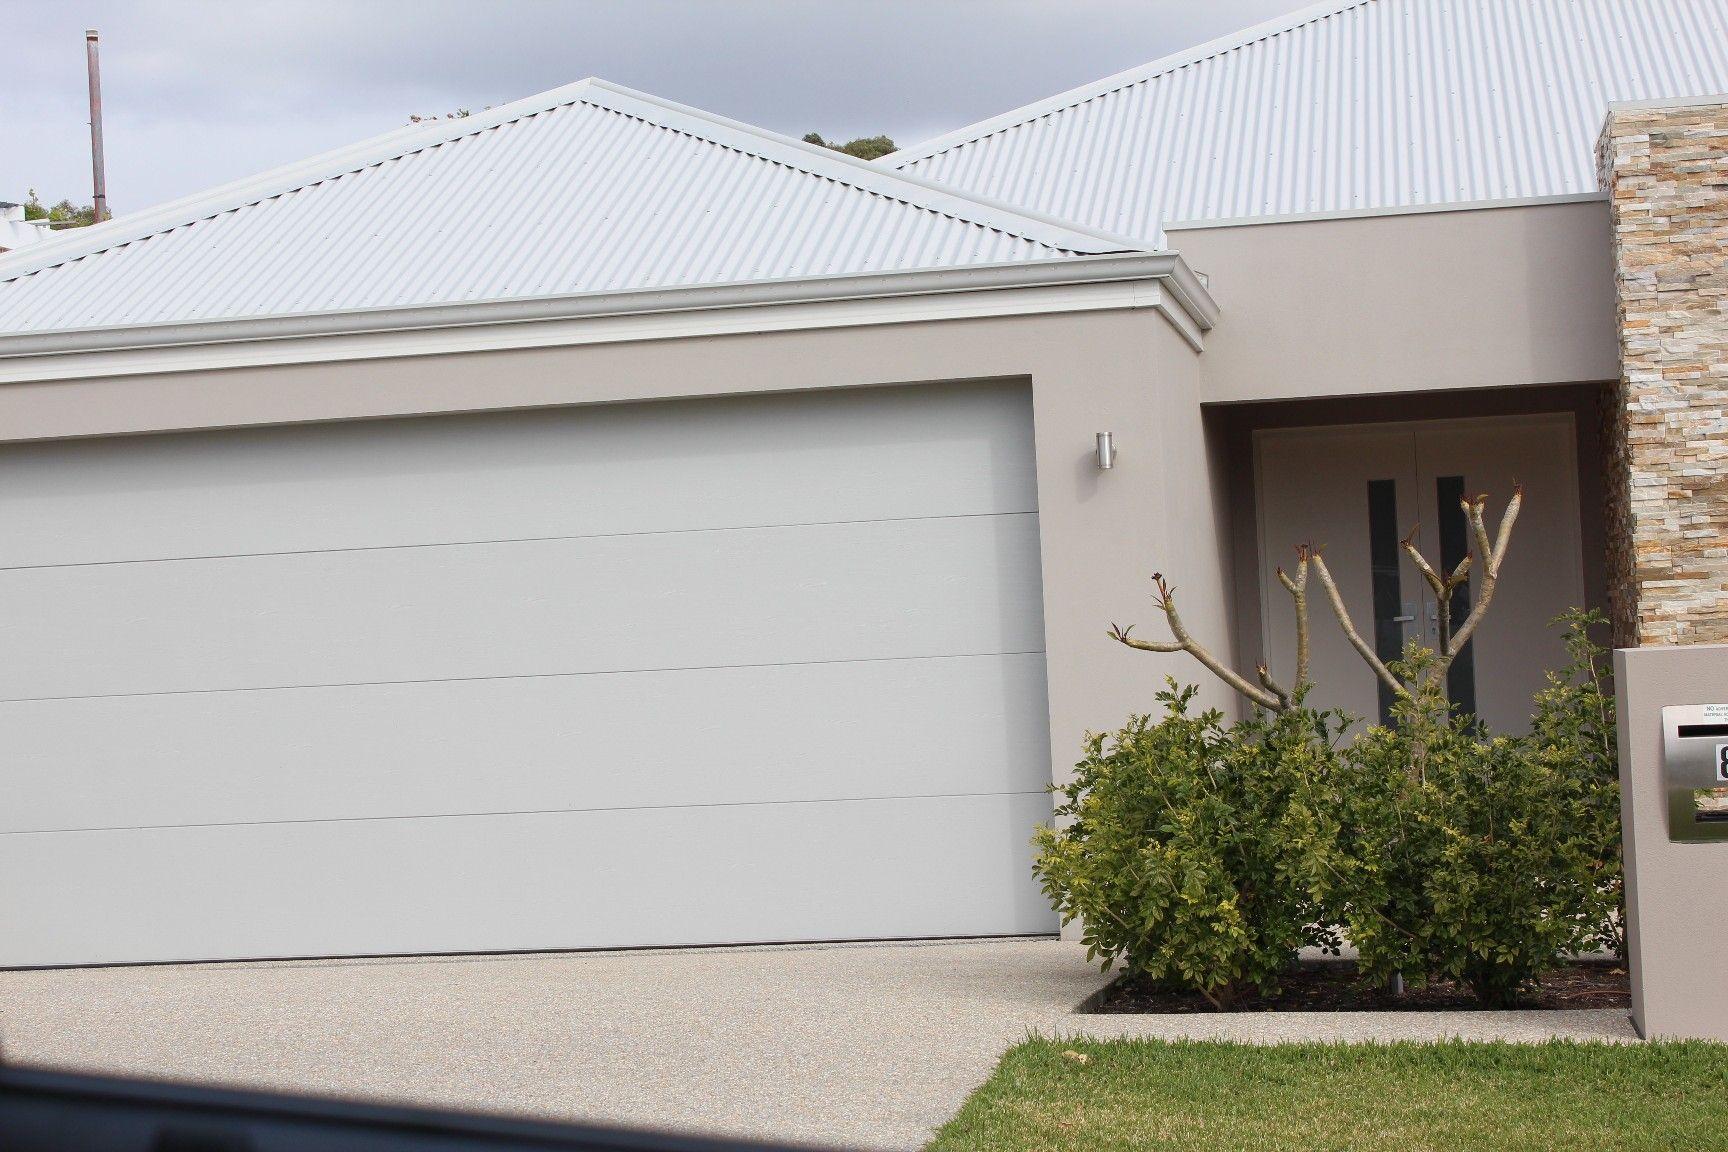 Shale Grey roof, gutters and garage door, Surfmist fascia